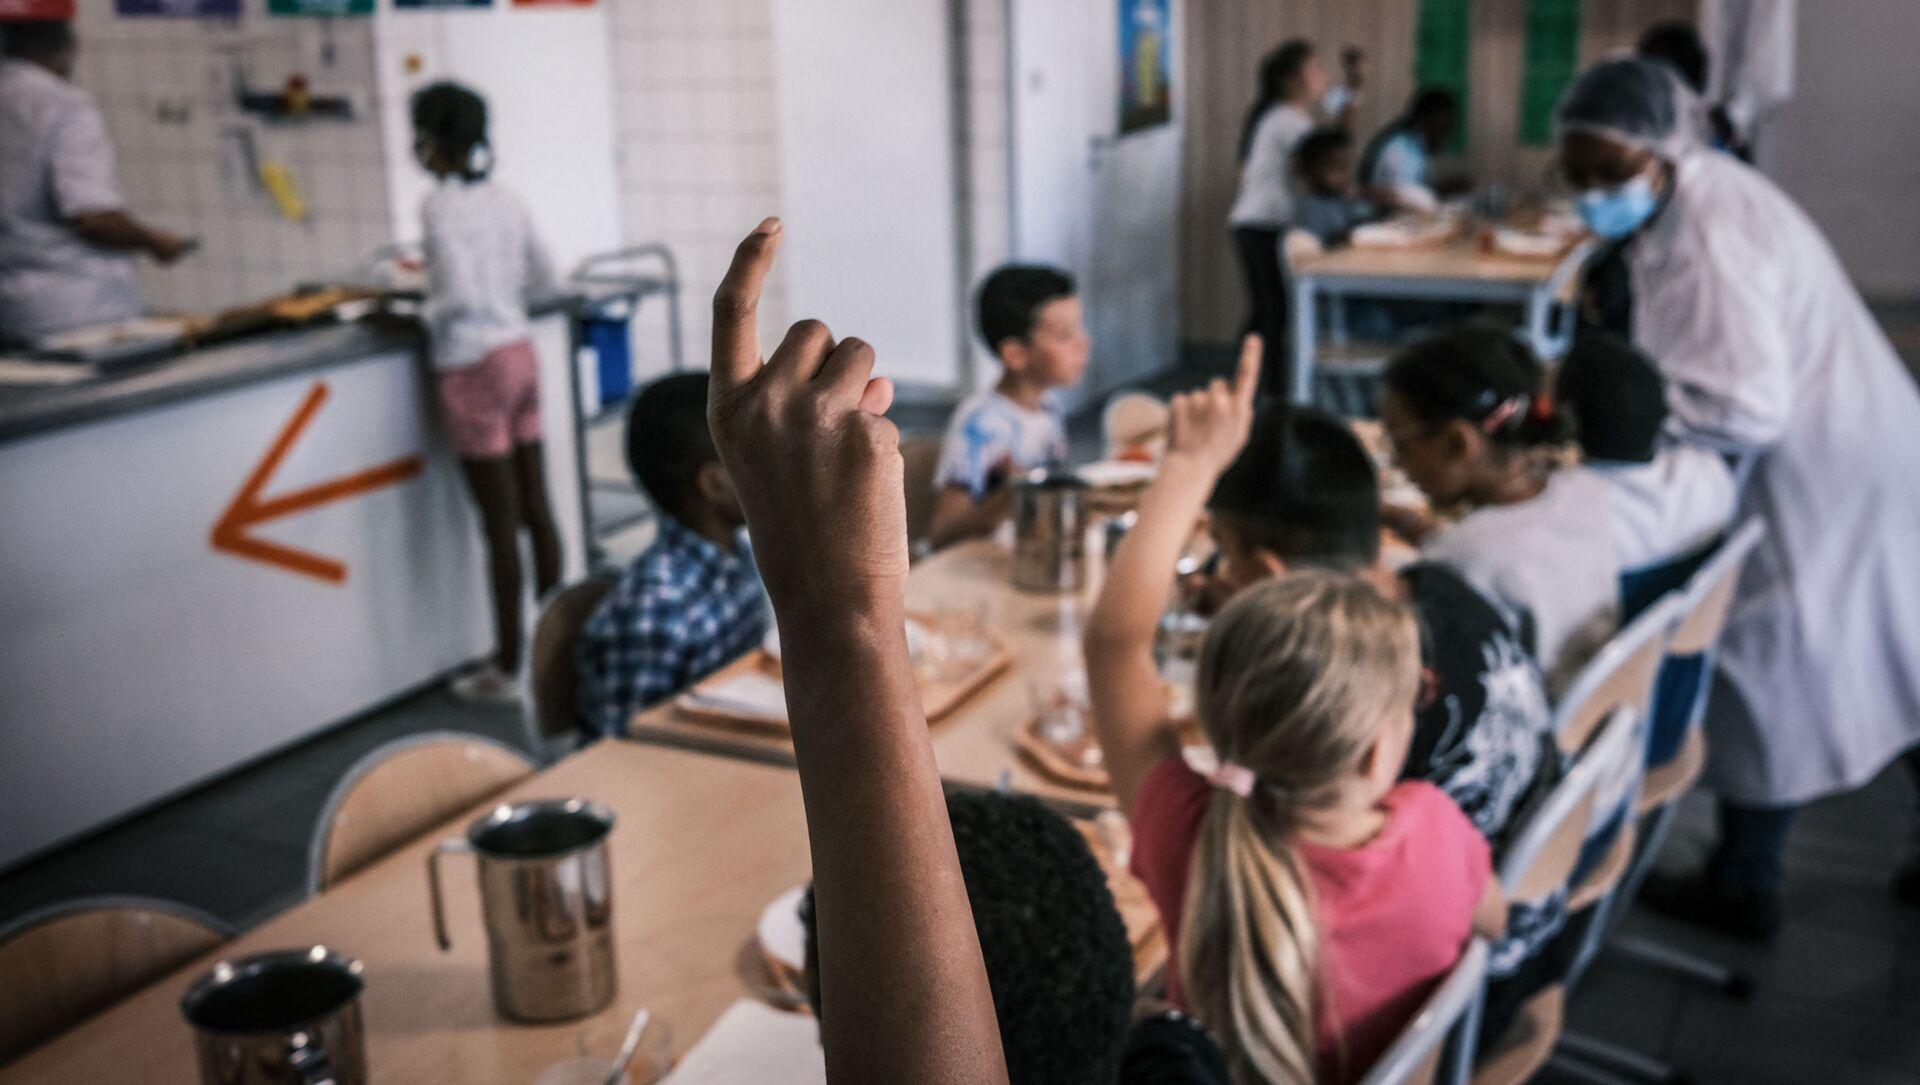 Une cantine scolaire en France - Sputnik France, 1920, 15.09.2021